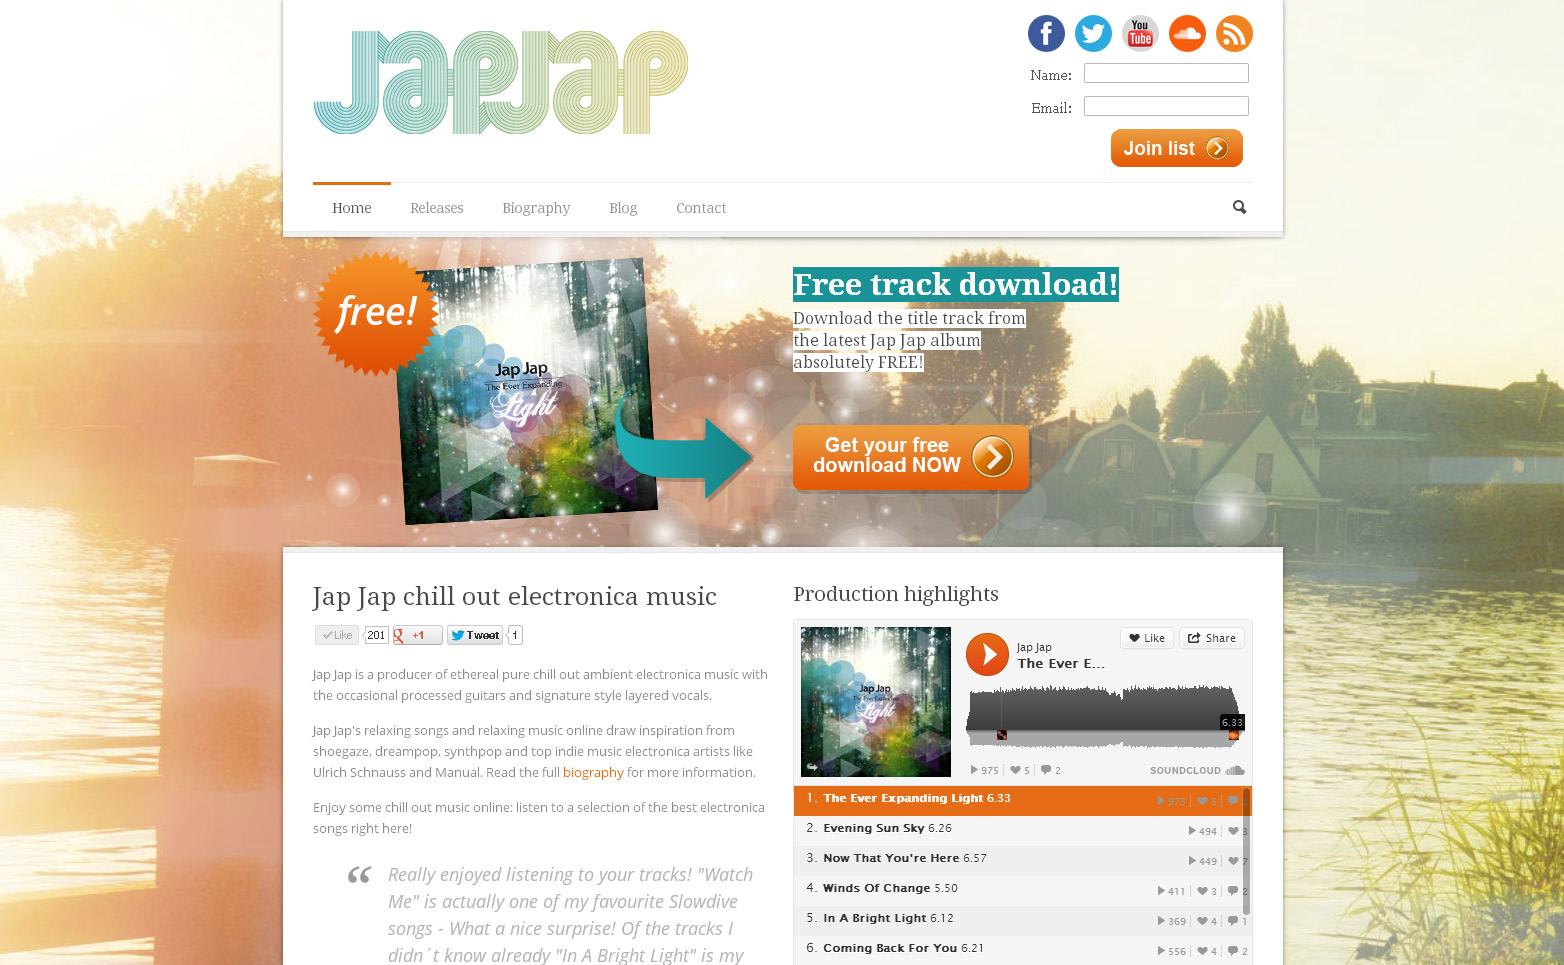 japjap.net website